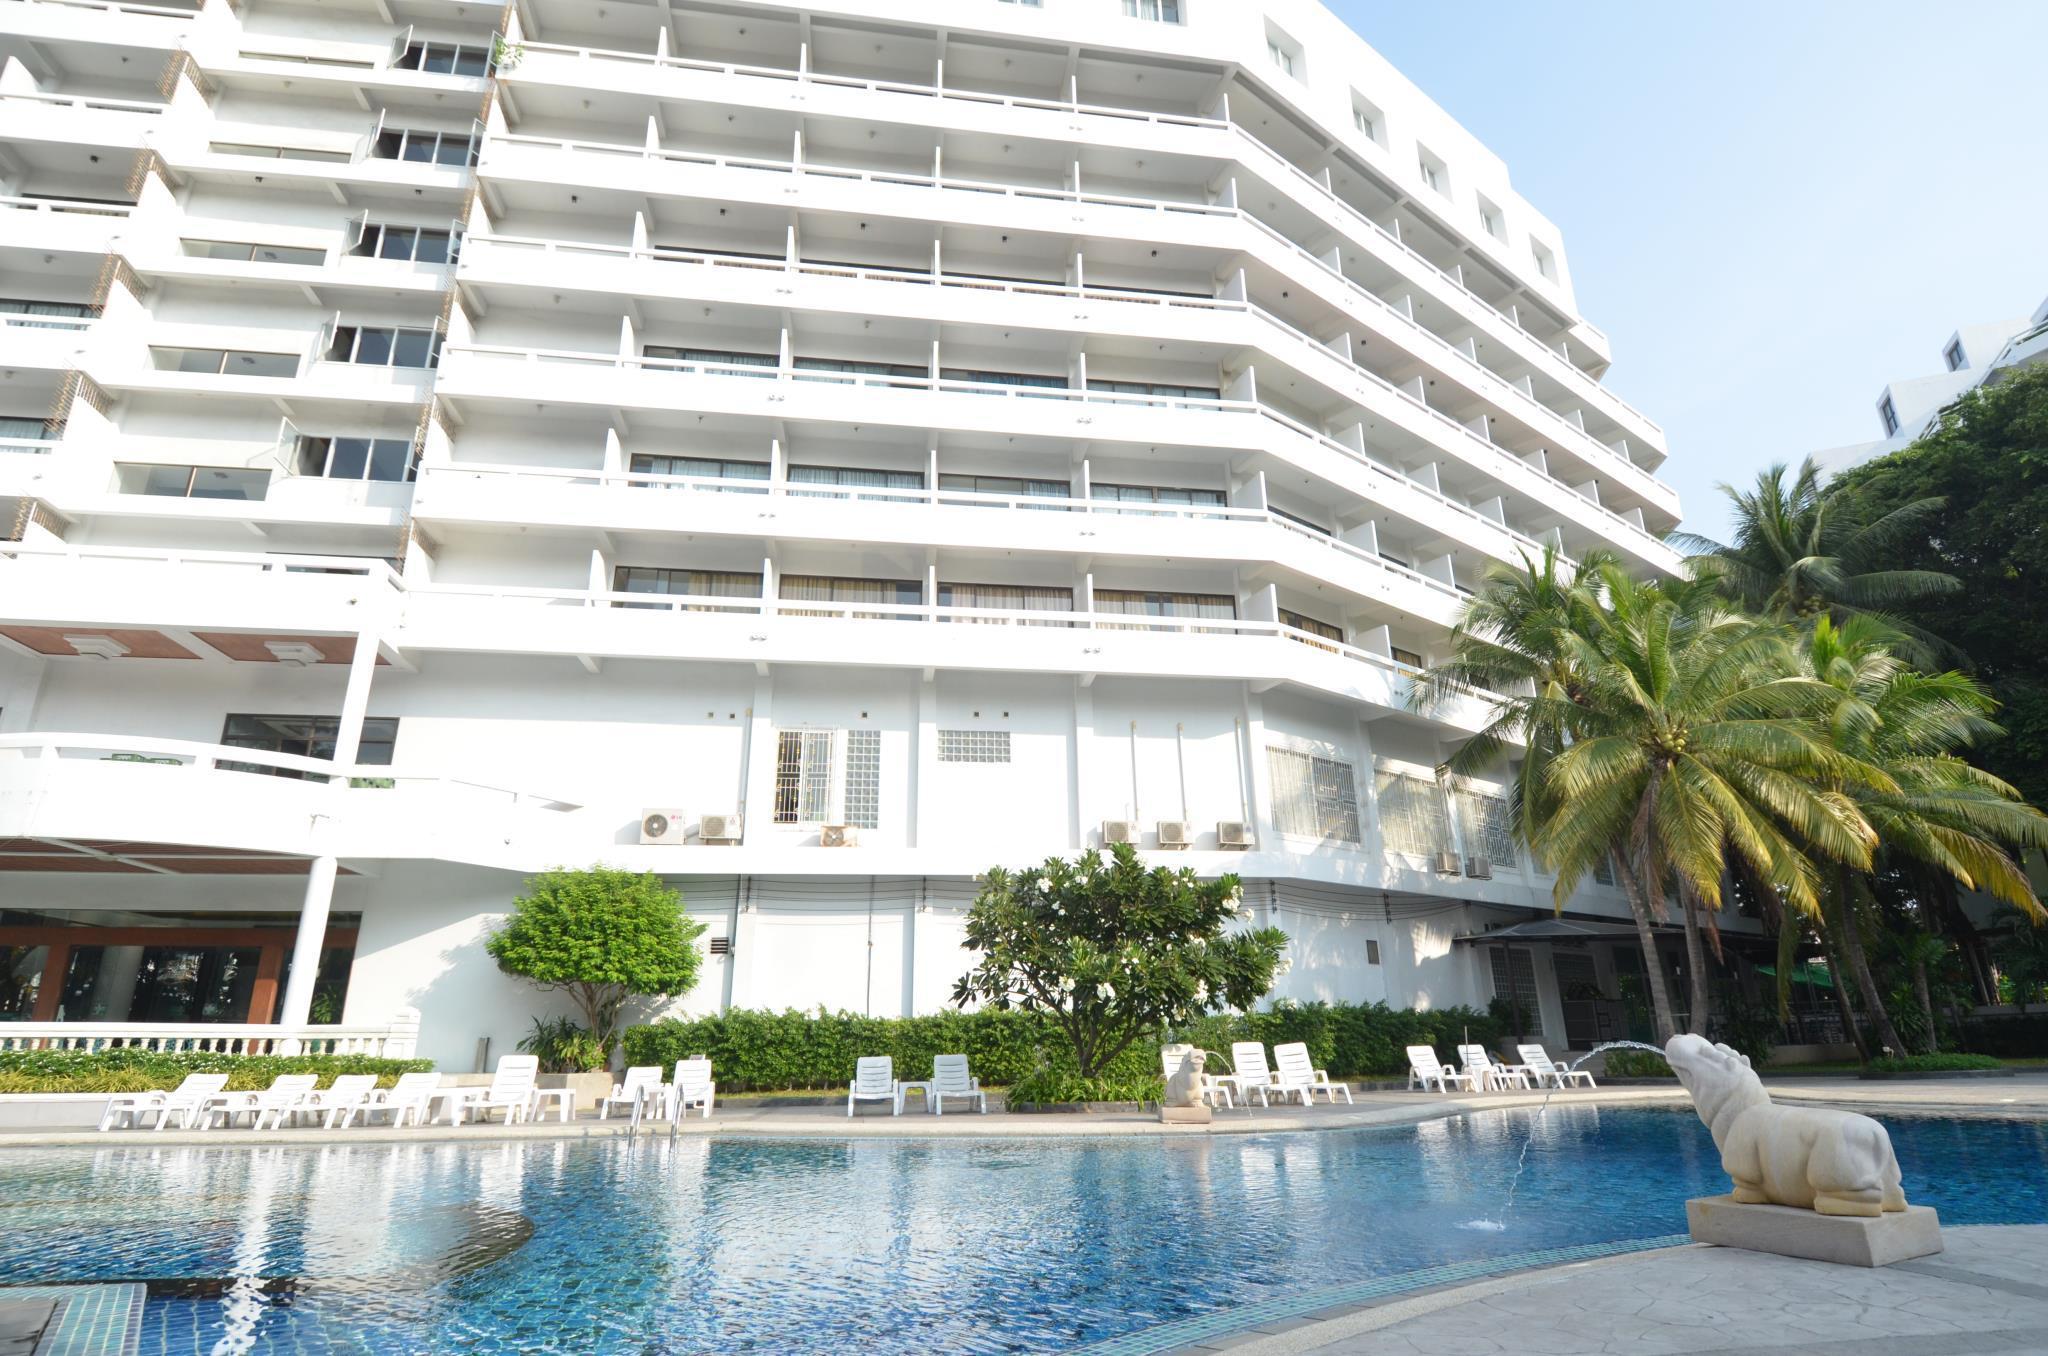 Welcome Plaza Hotel โรงแรมเวลคัม พลาซ่า